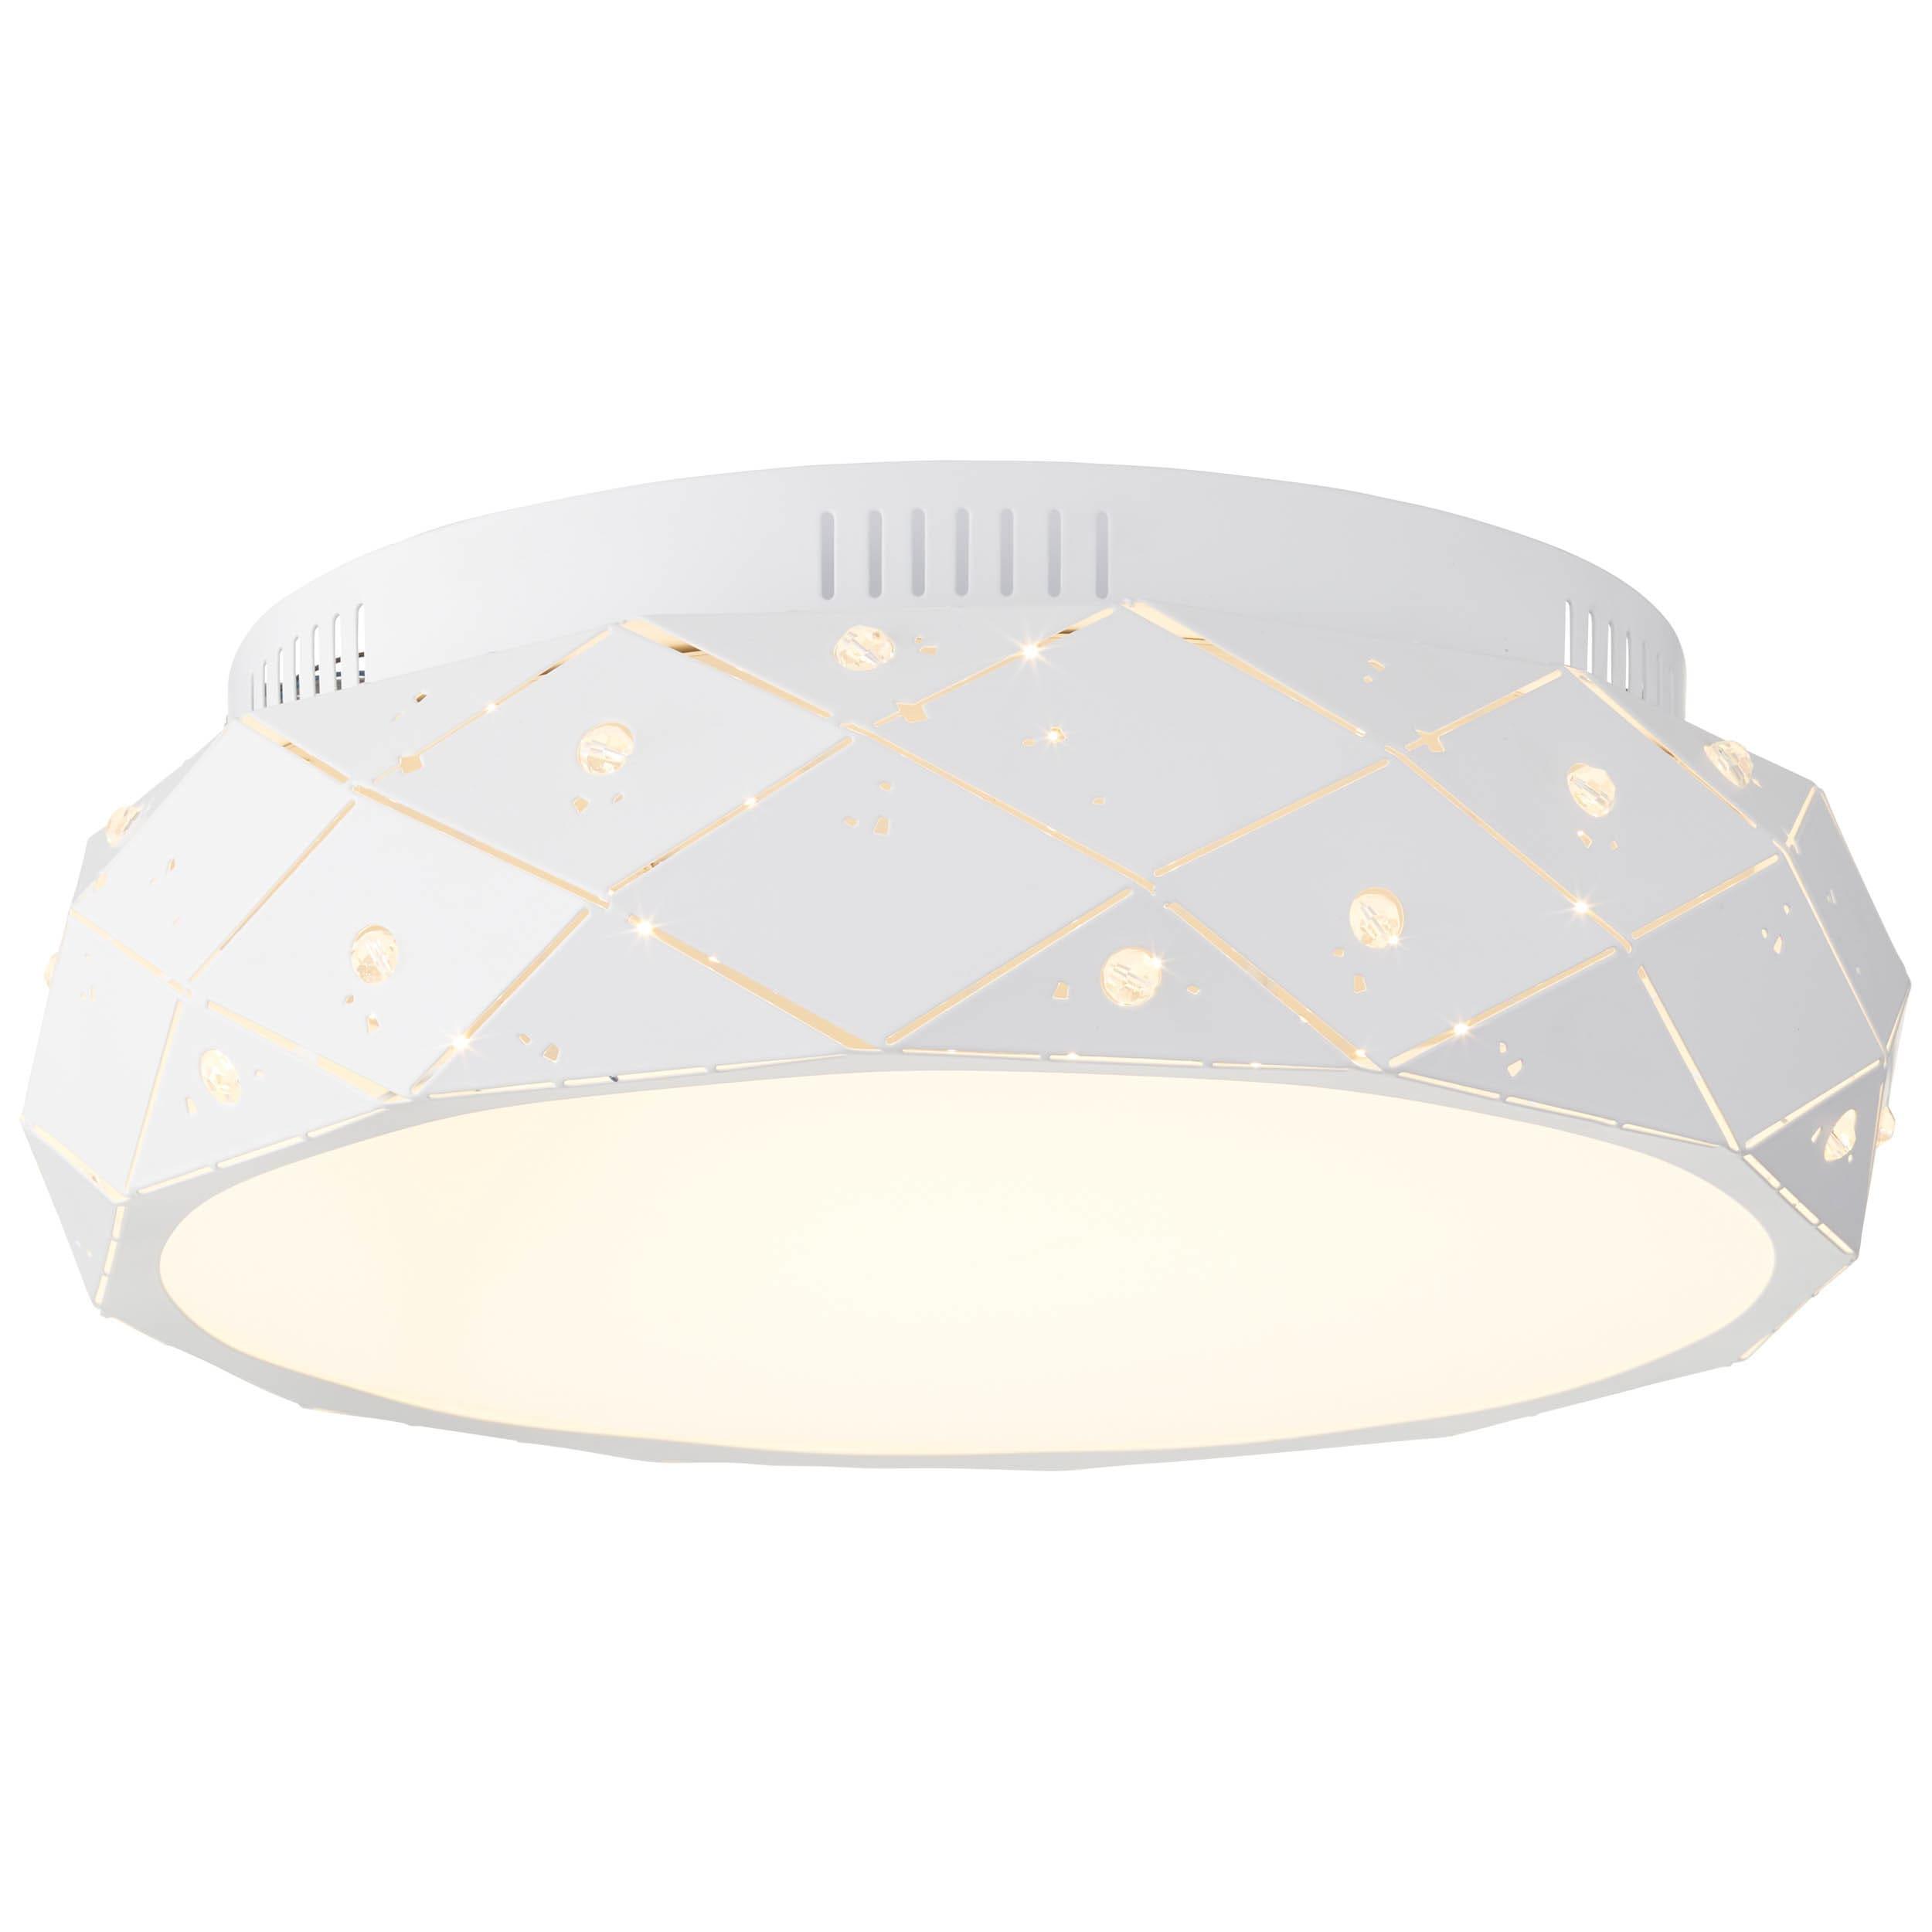 Brilliant Leuchten Fona LED Deckenleuchte 45cm weiß matt